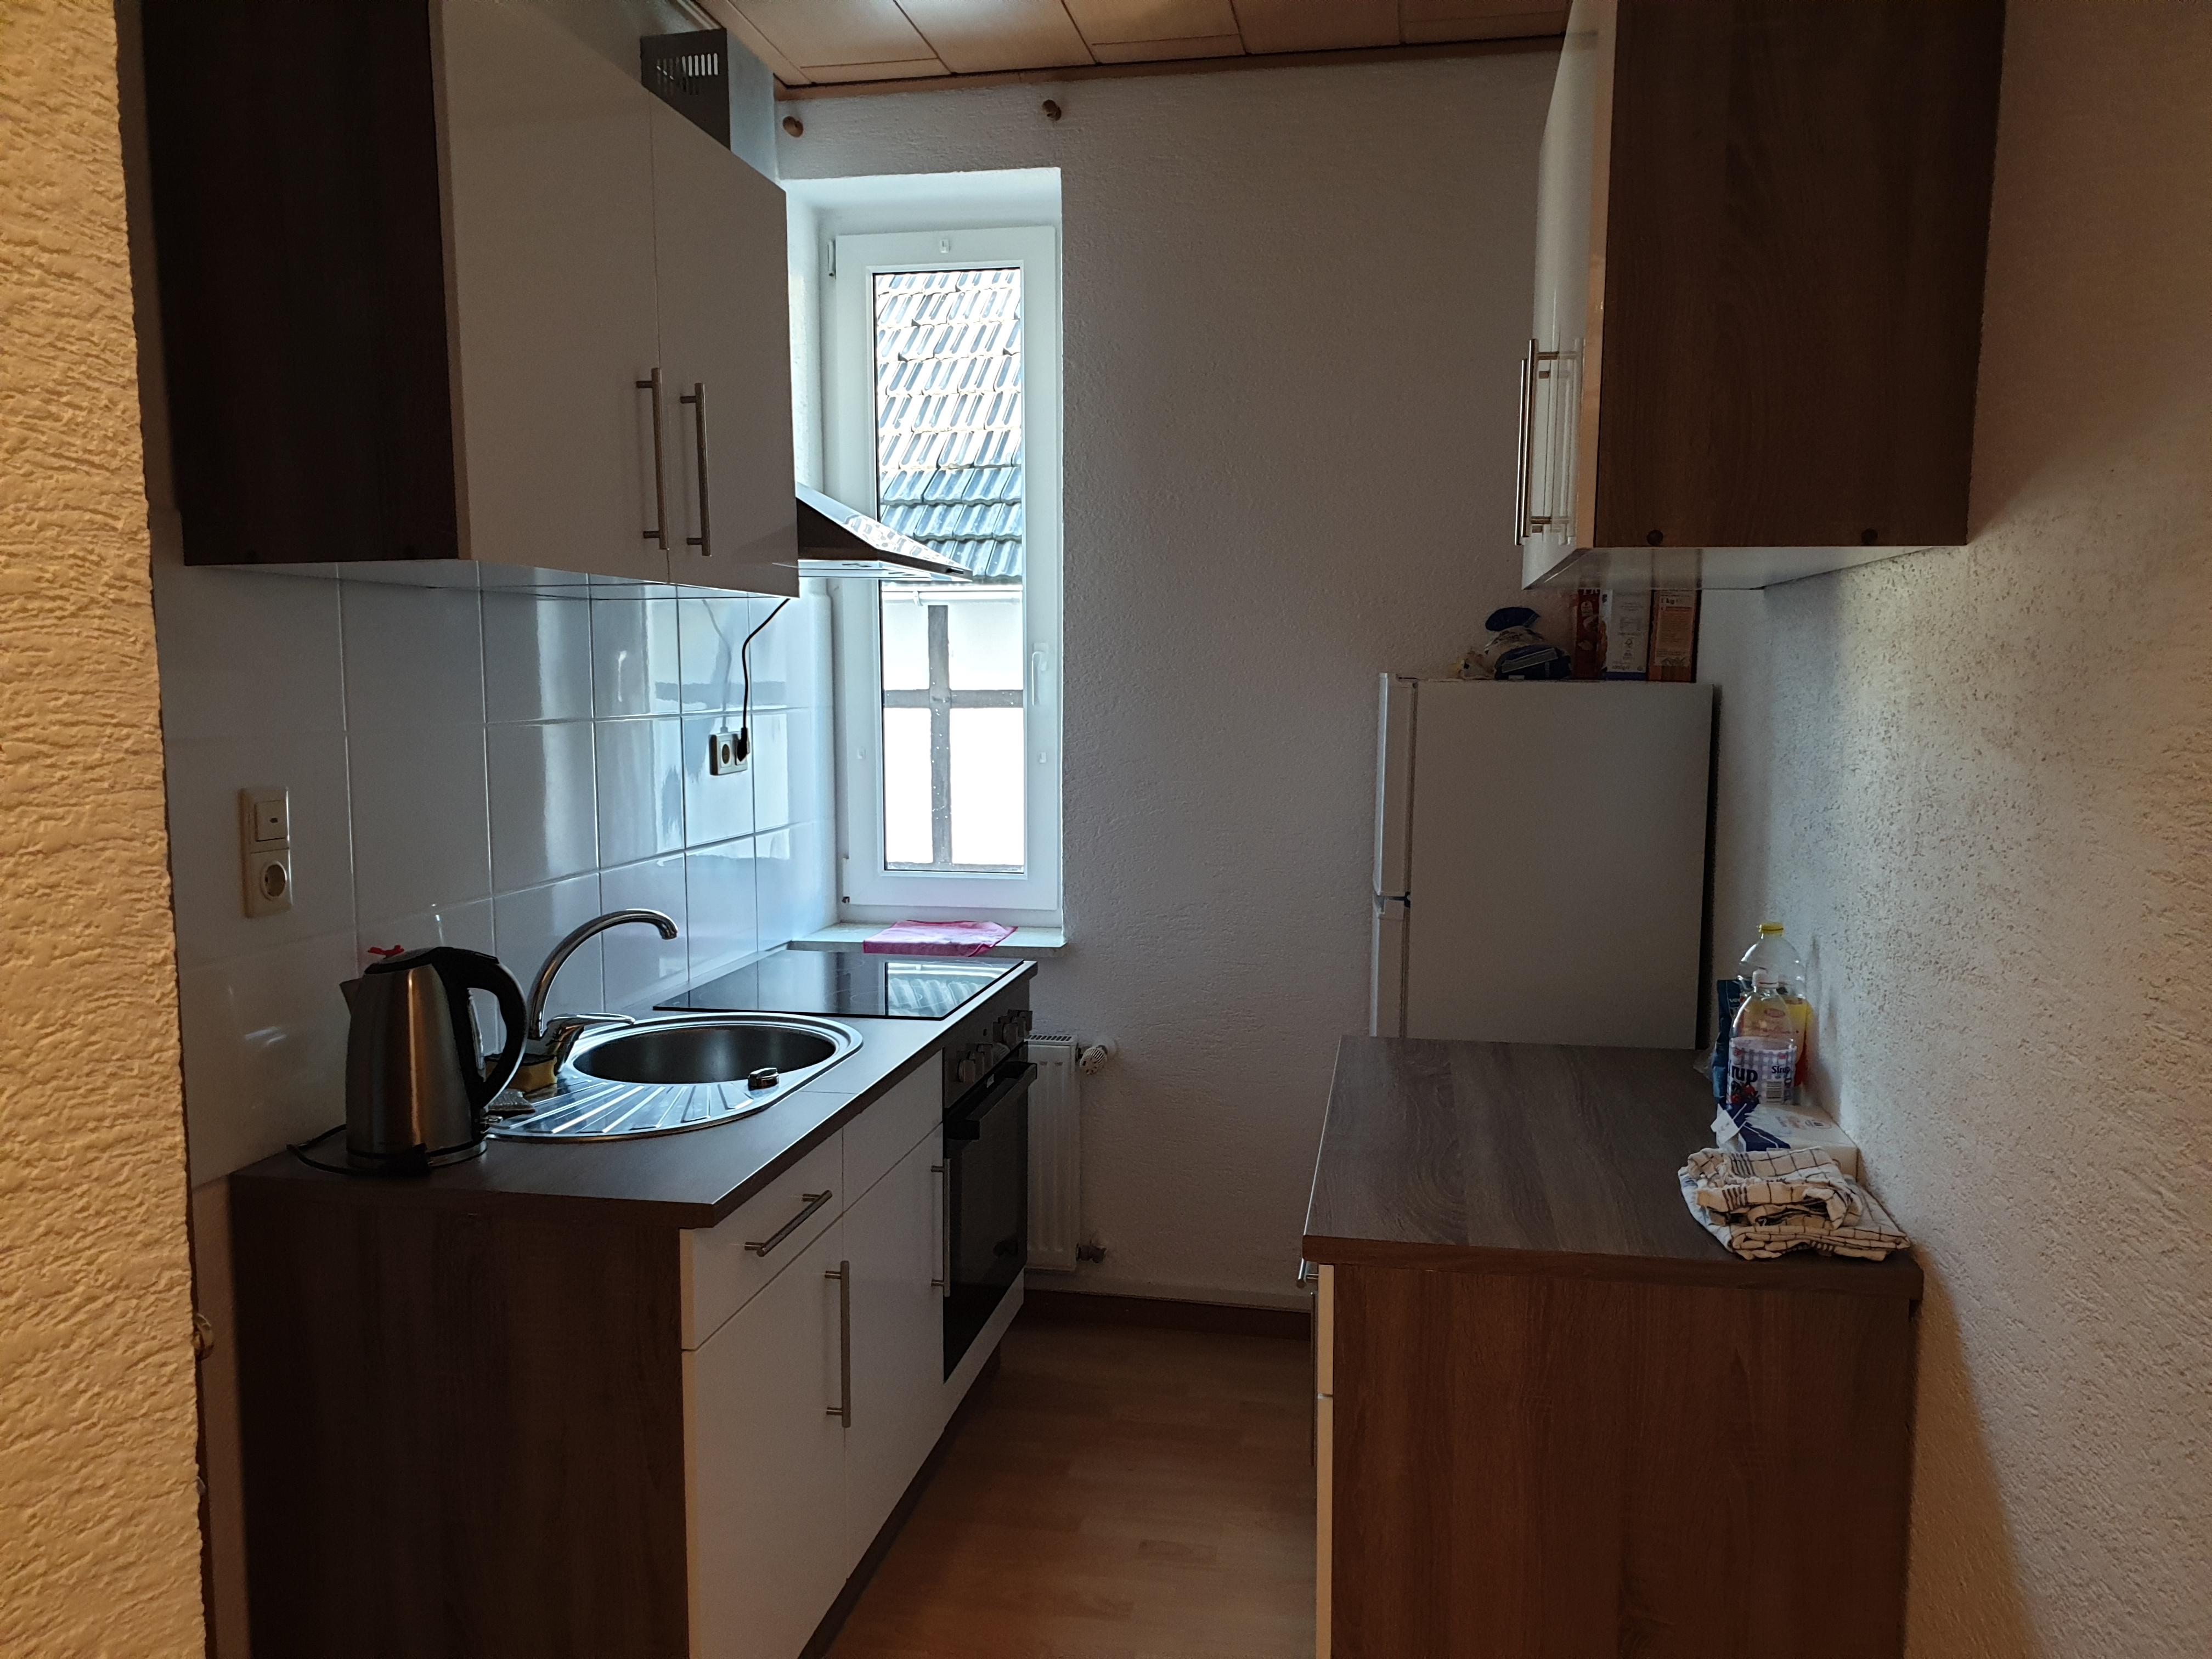 Monteurszimmer-Fewo-Schreppenberg-Küchenzeile